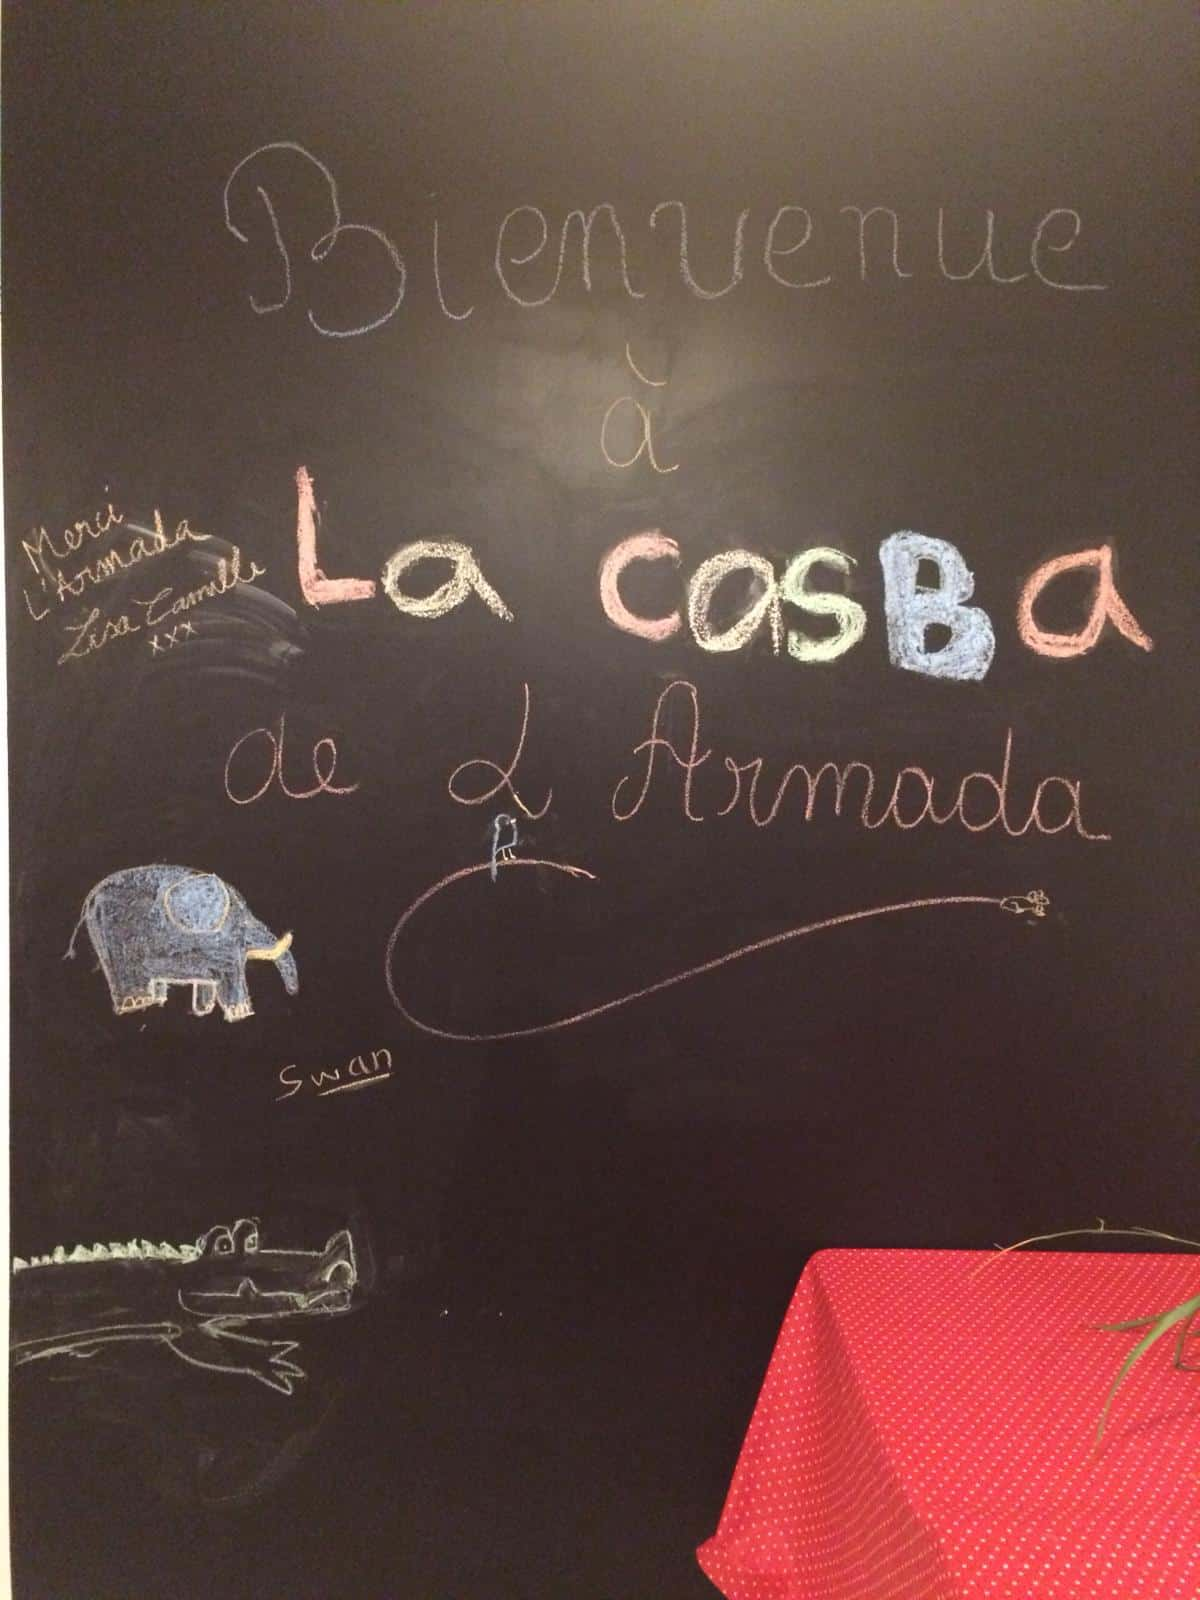 Photo du tableau de La Casba avec un message de bienvenue